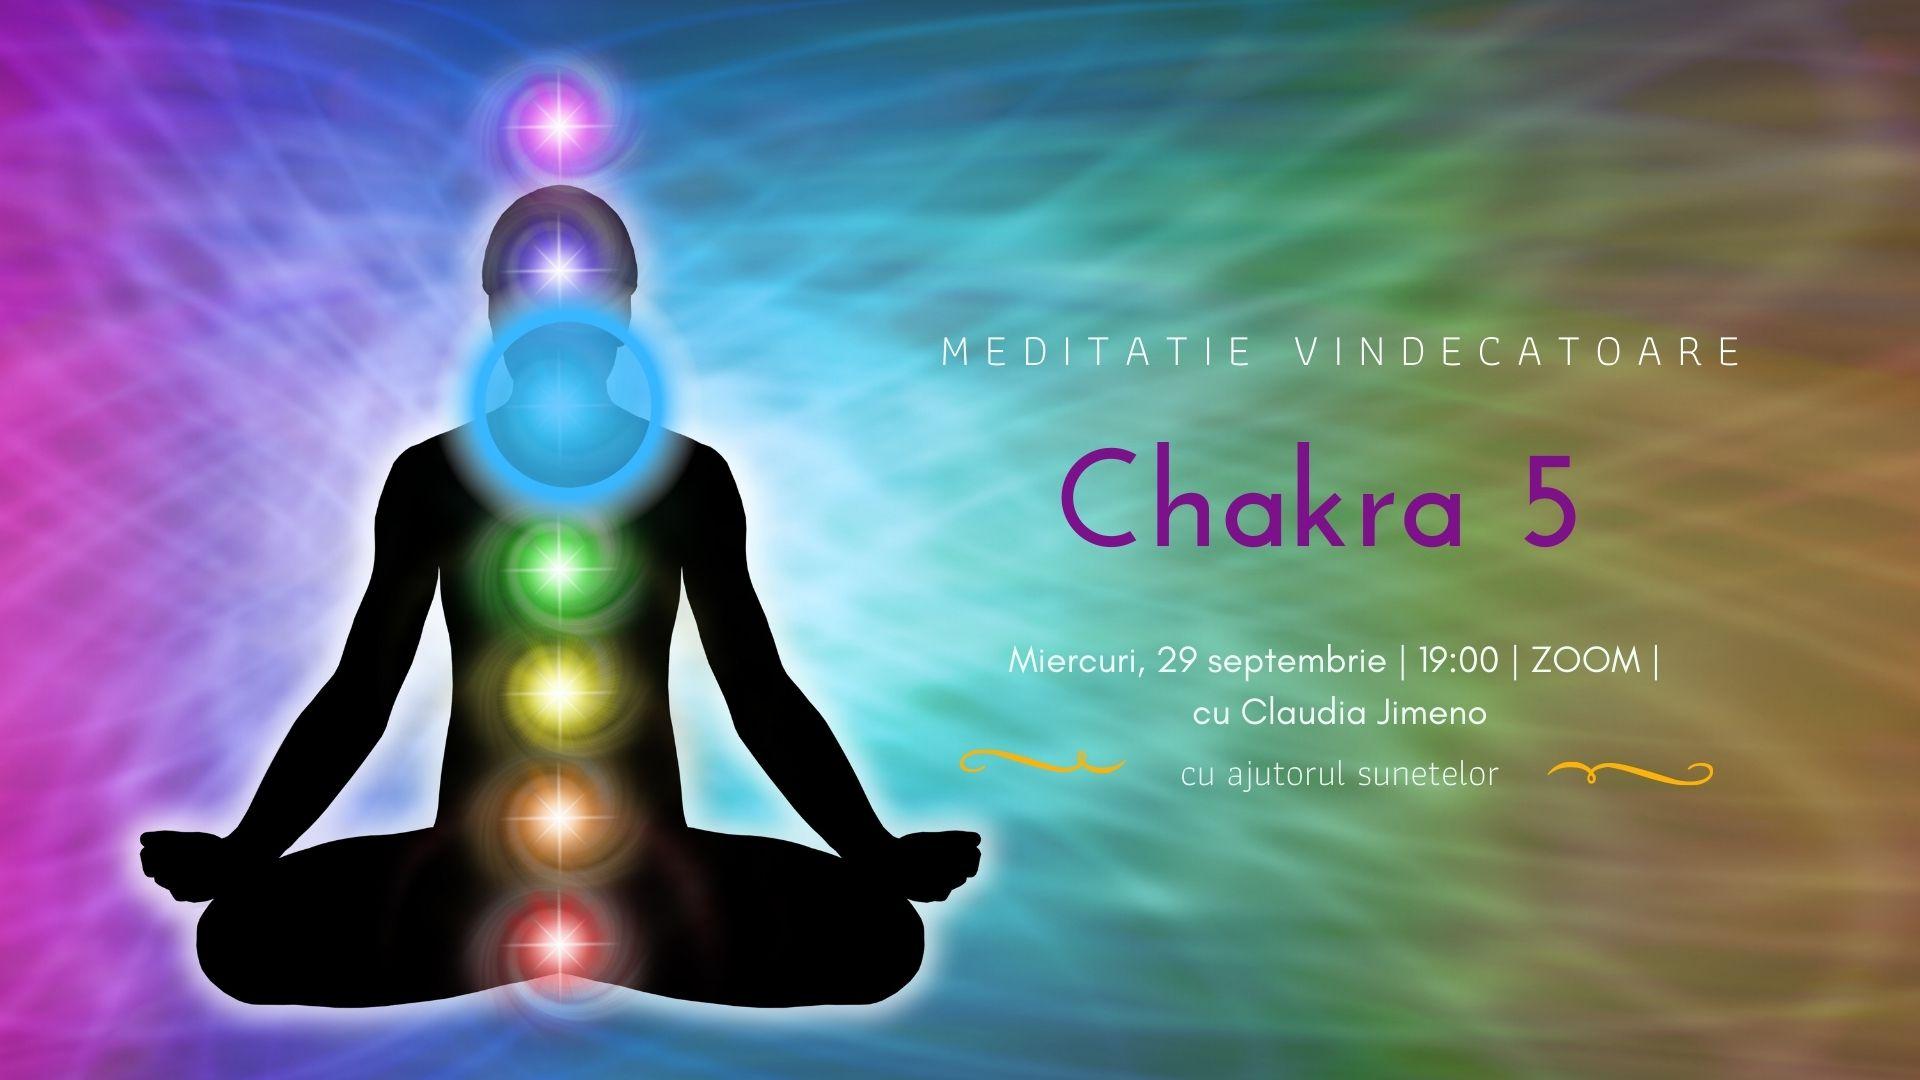 Meditatie cu sunete chakra 5 cu Claudia Jimeno